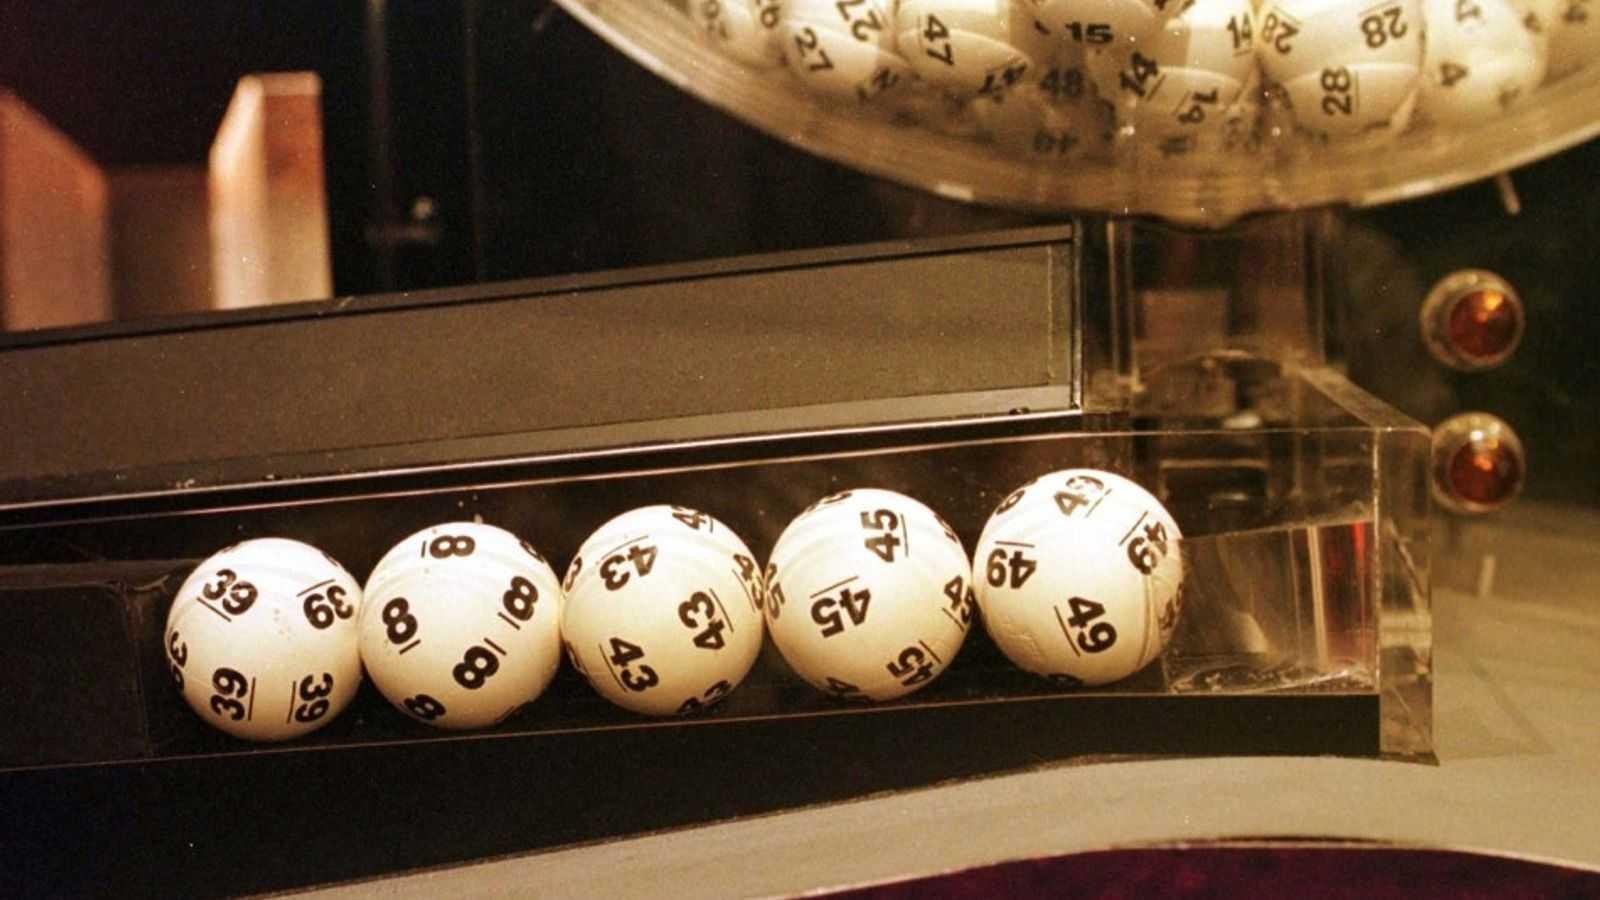 Đại lý môi giới xổ số thế giới lotto - đánh giá của người chơi: tôi có thể tin tưởng hay là ly hôn?